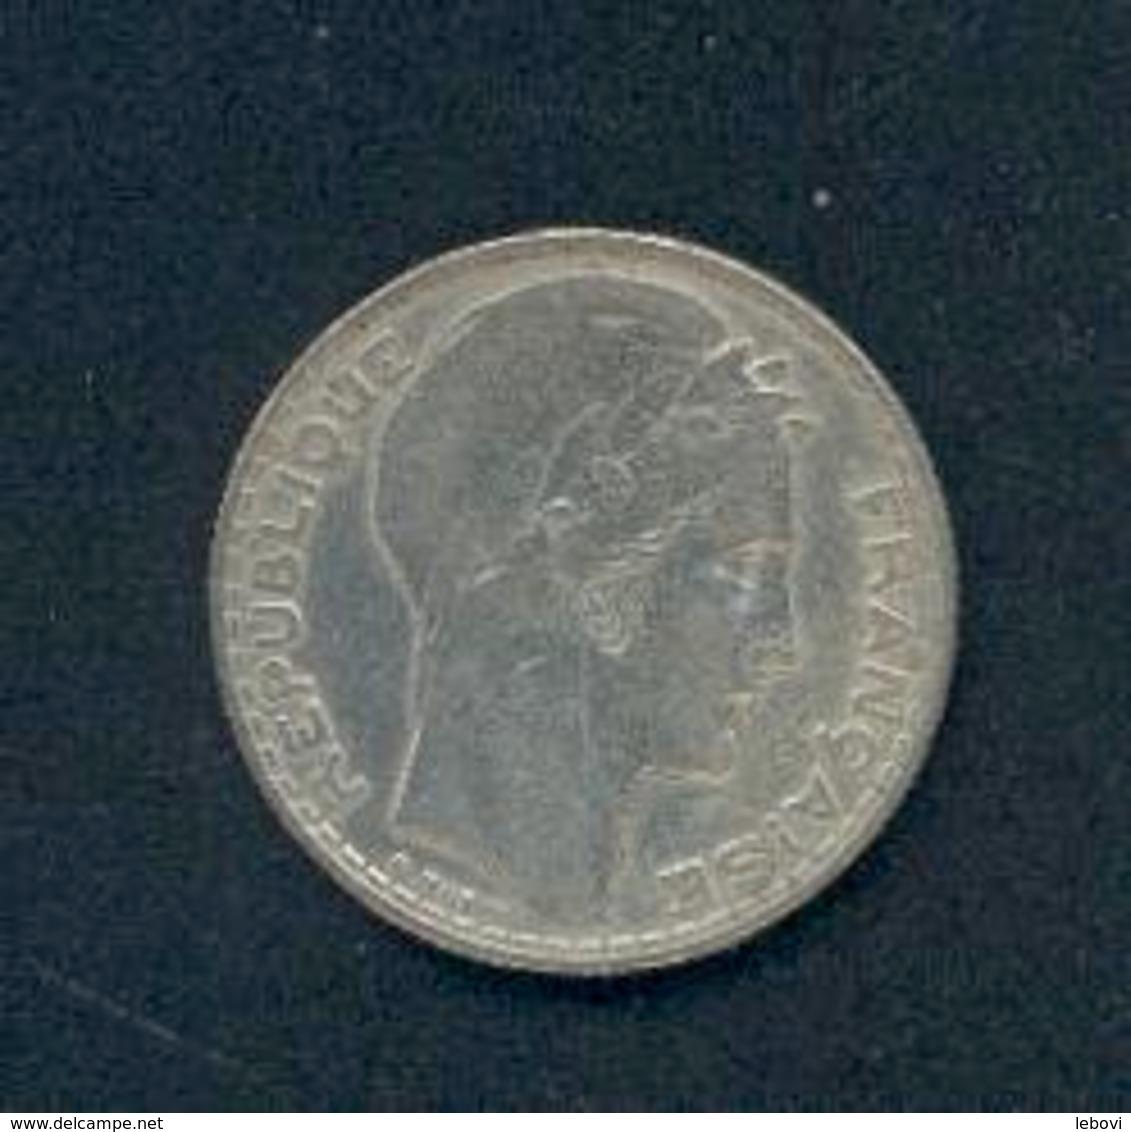 FRANCE - 10 Francs 1934 - France